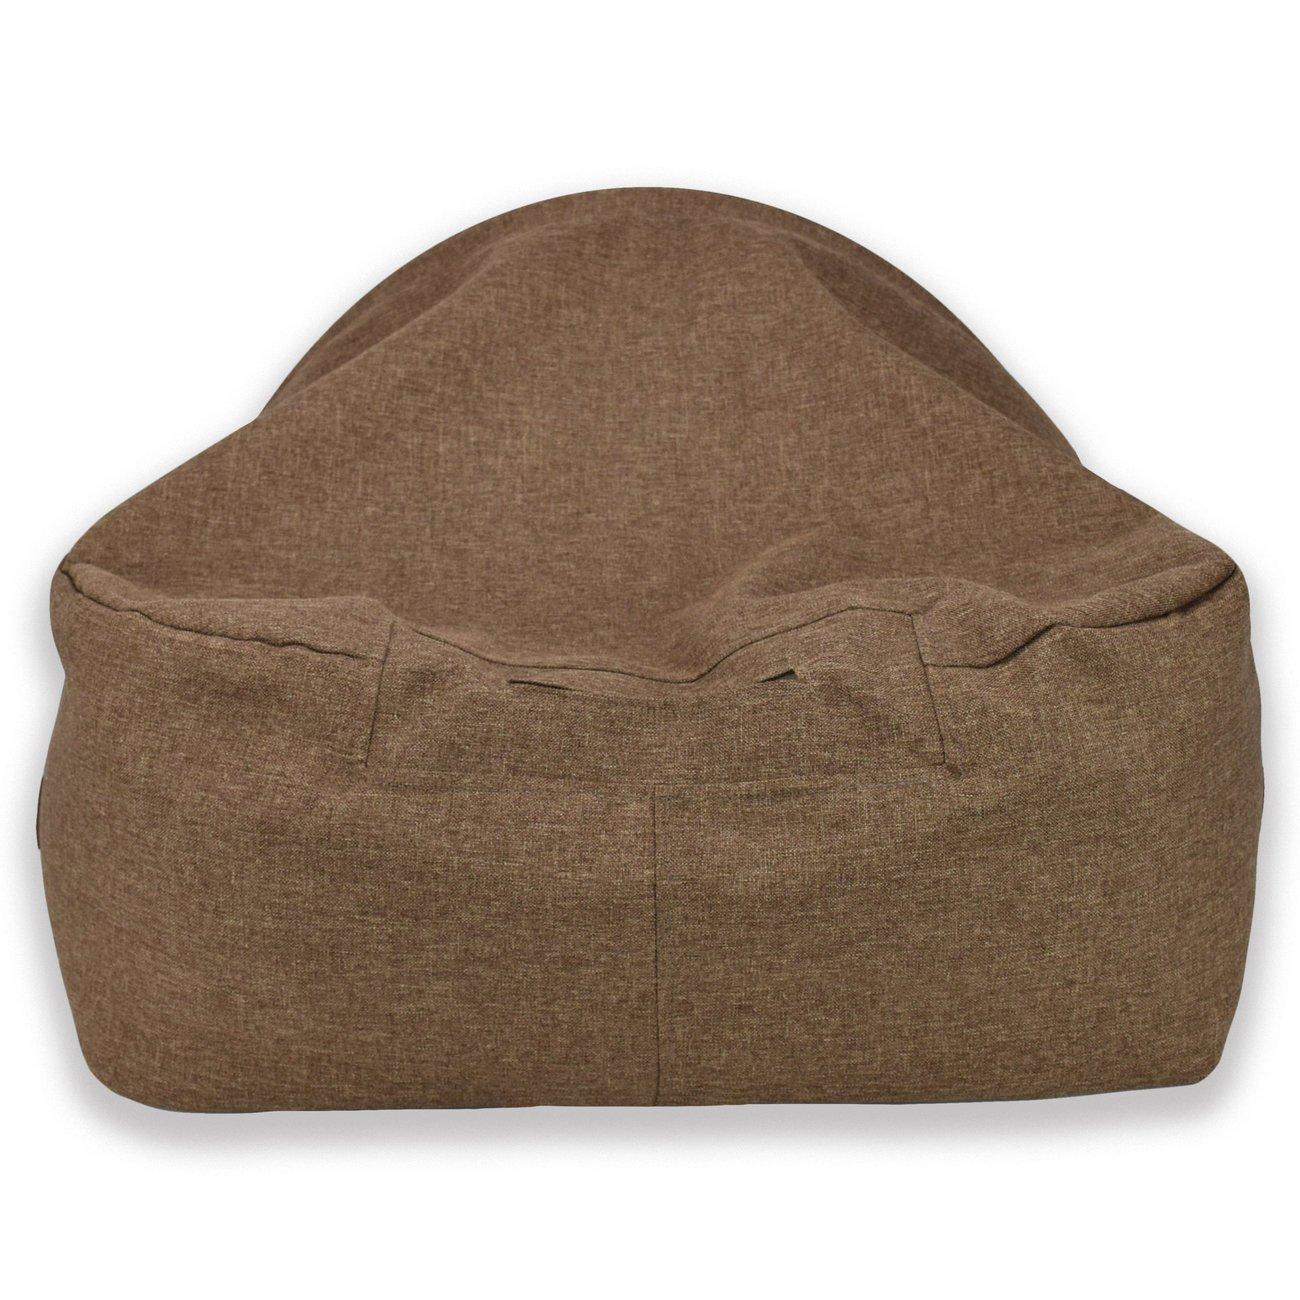 Sleepy Fox® Kuschelhöhlen Hundebett, Bild 14